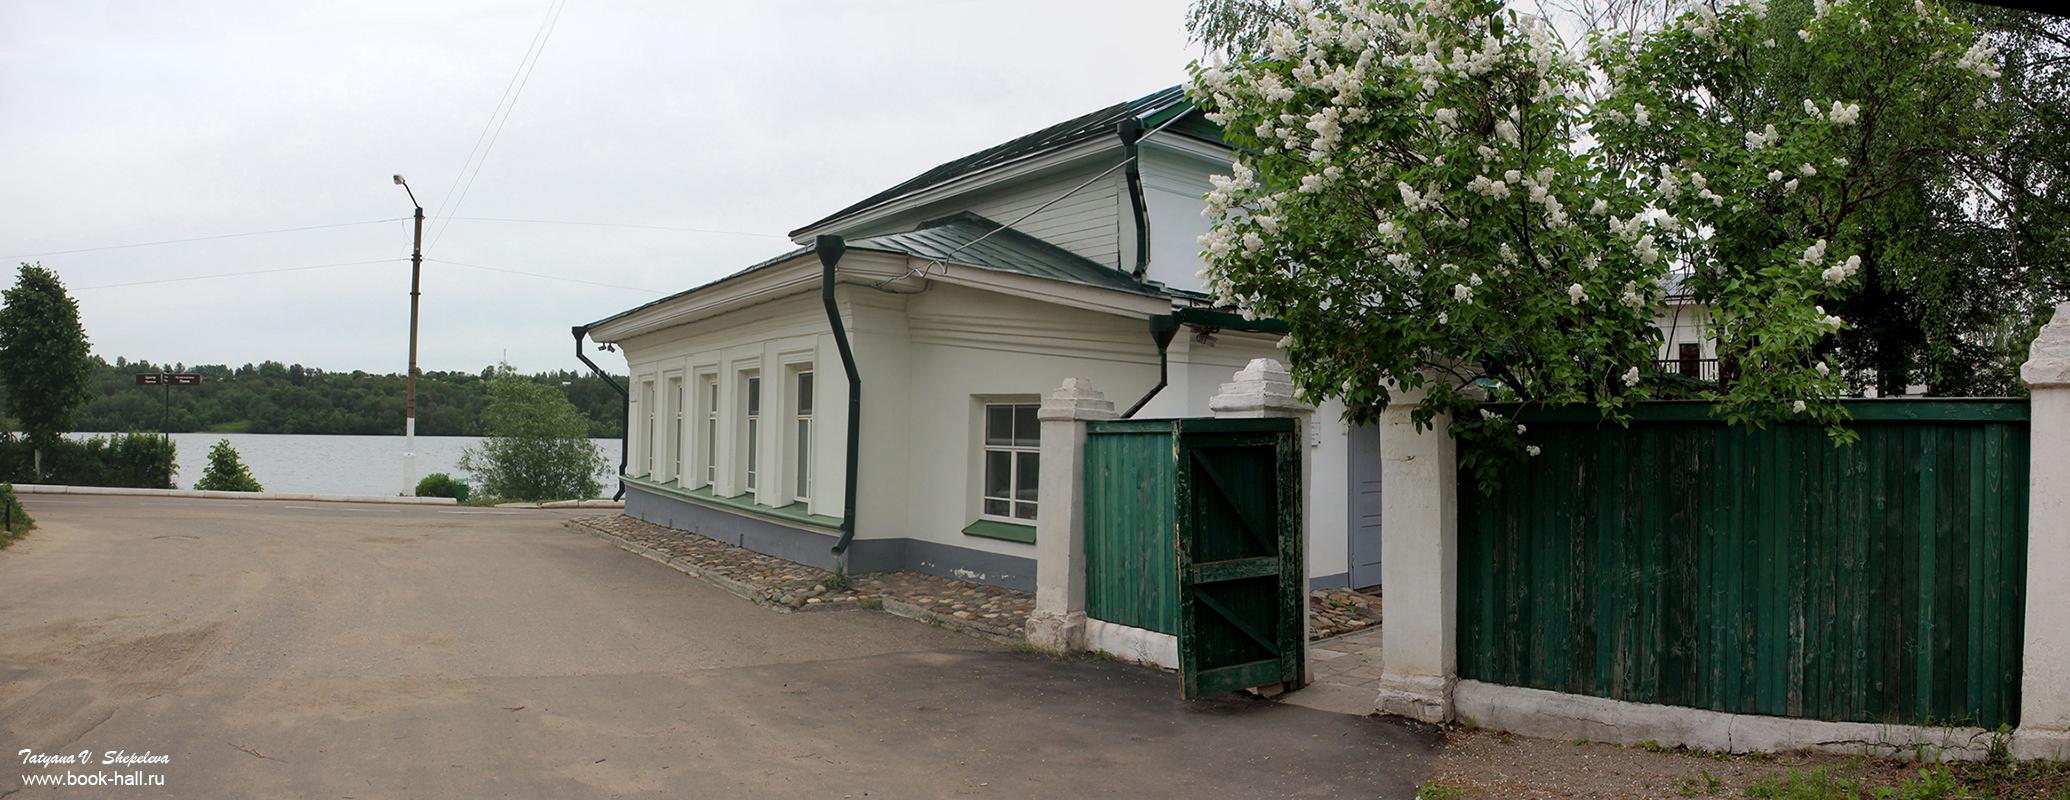 Музей свадьбы в плесе фото